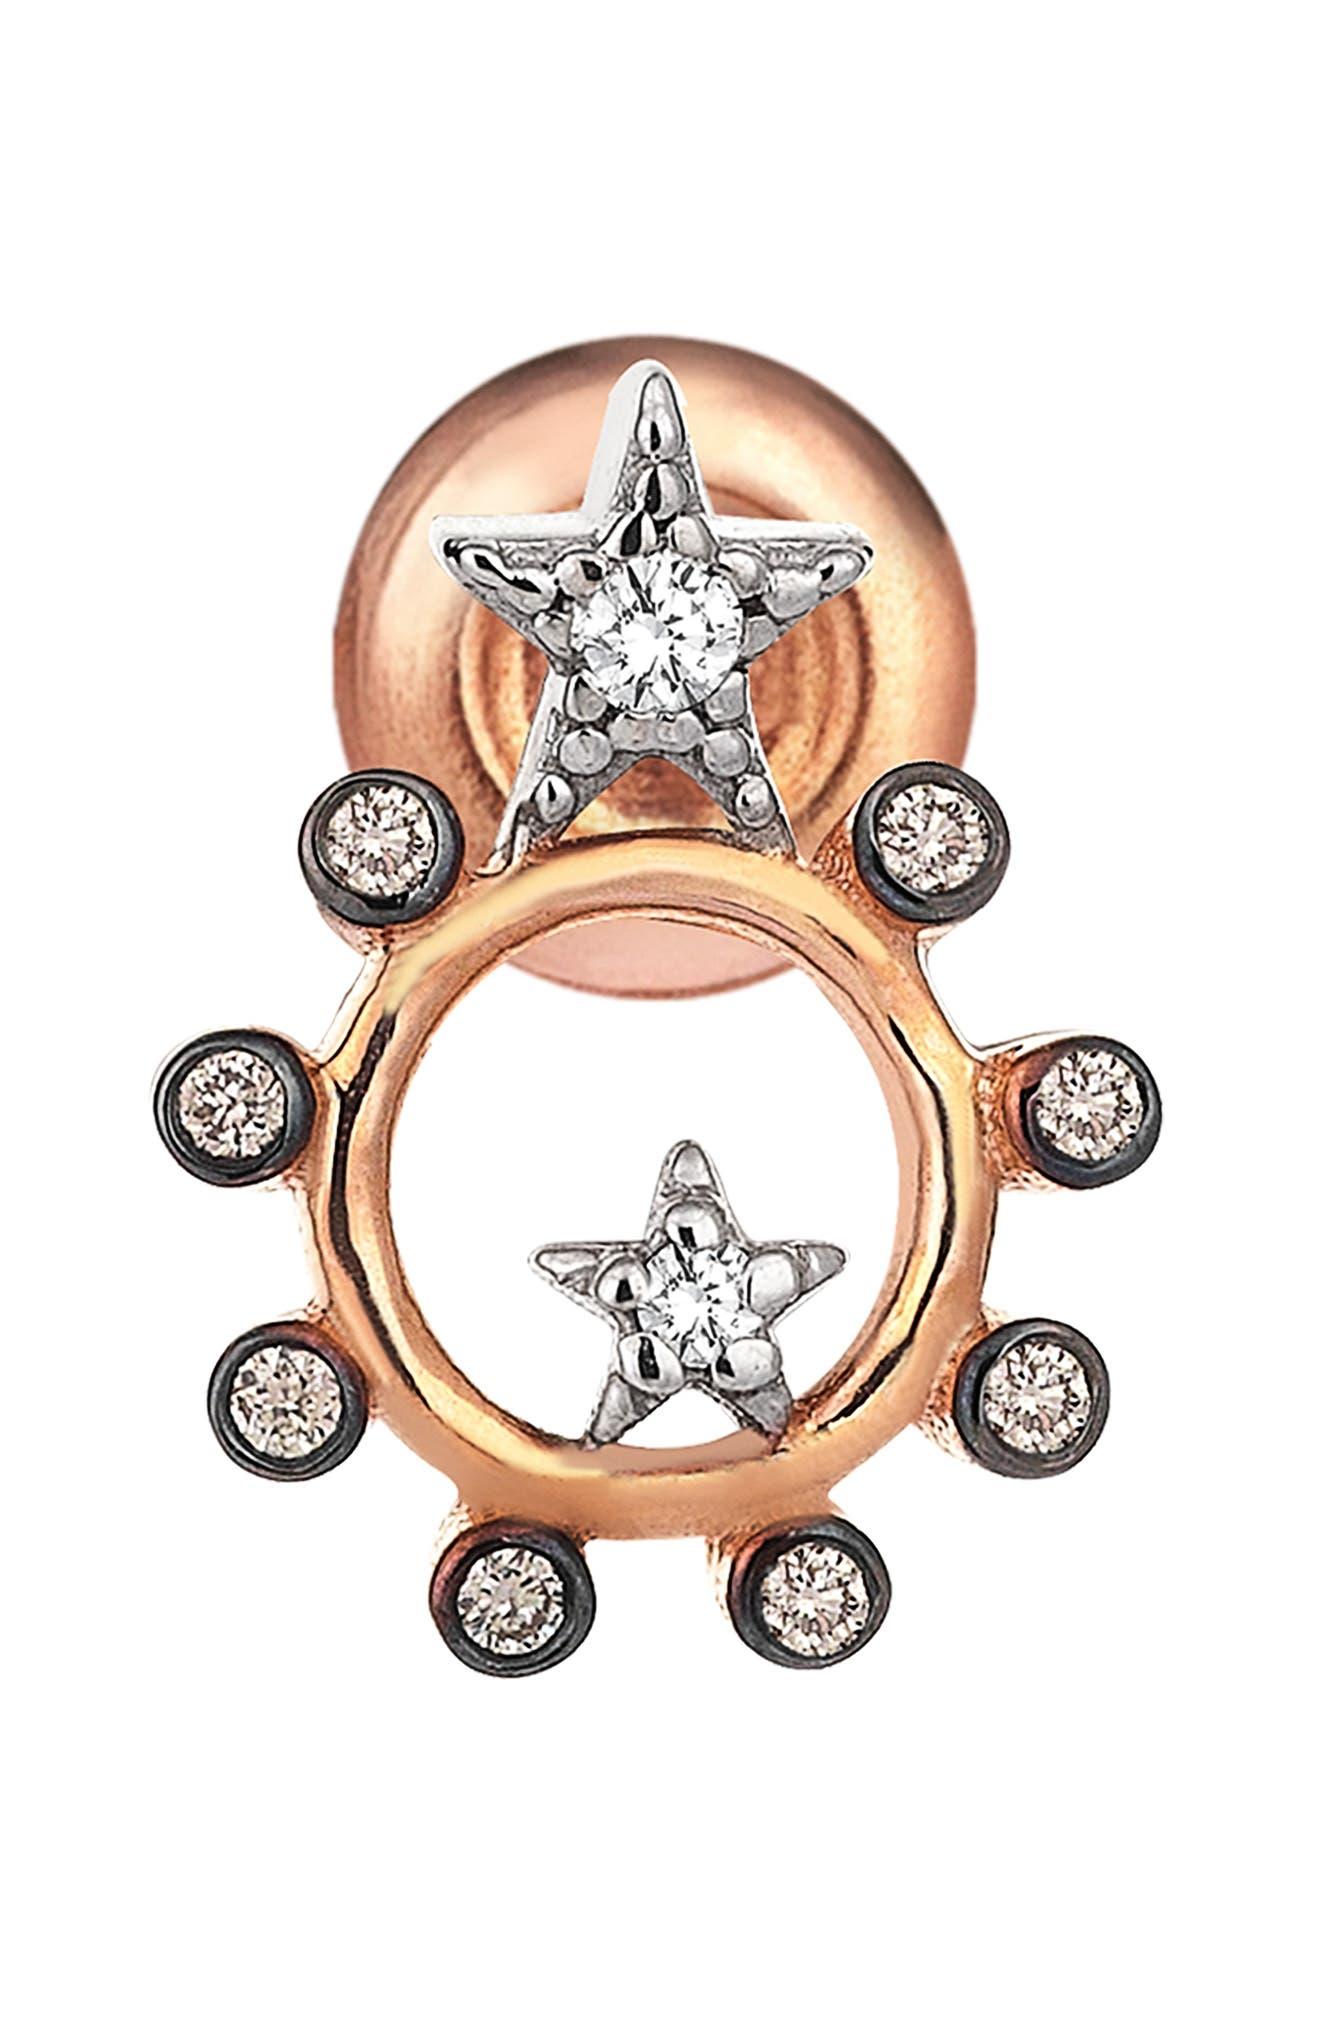 Main Image - Kismet by Milka Diamond Stud Earring